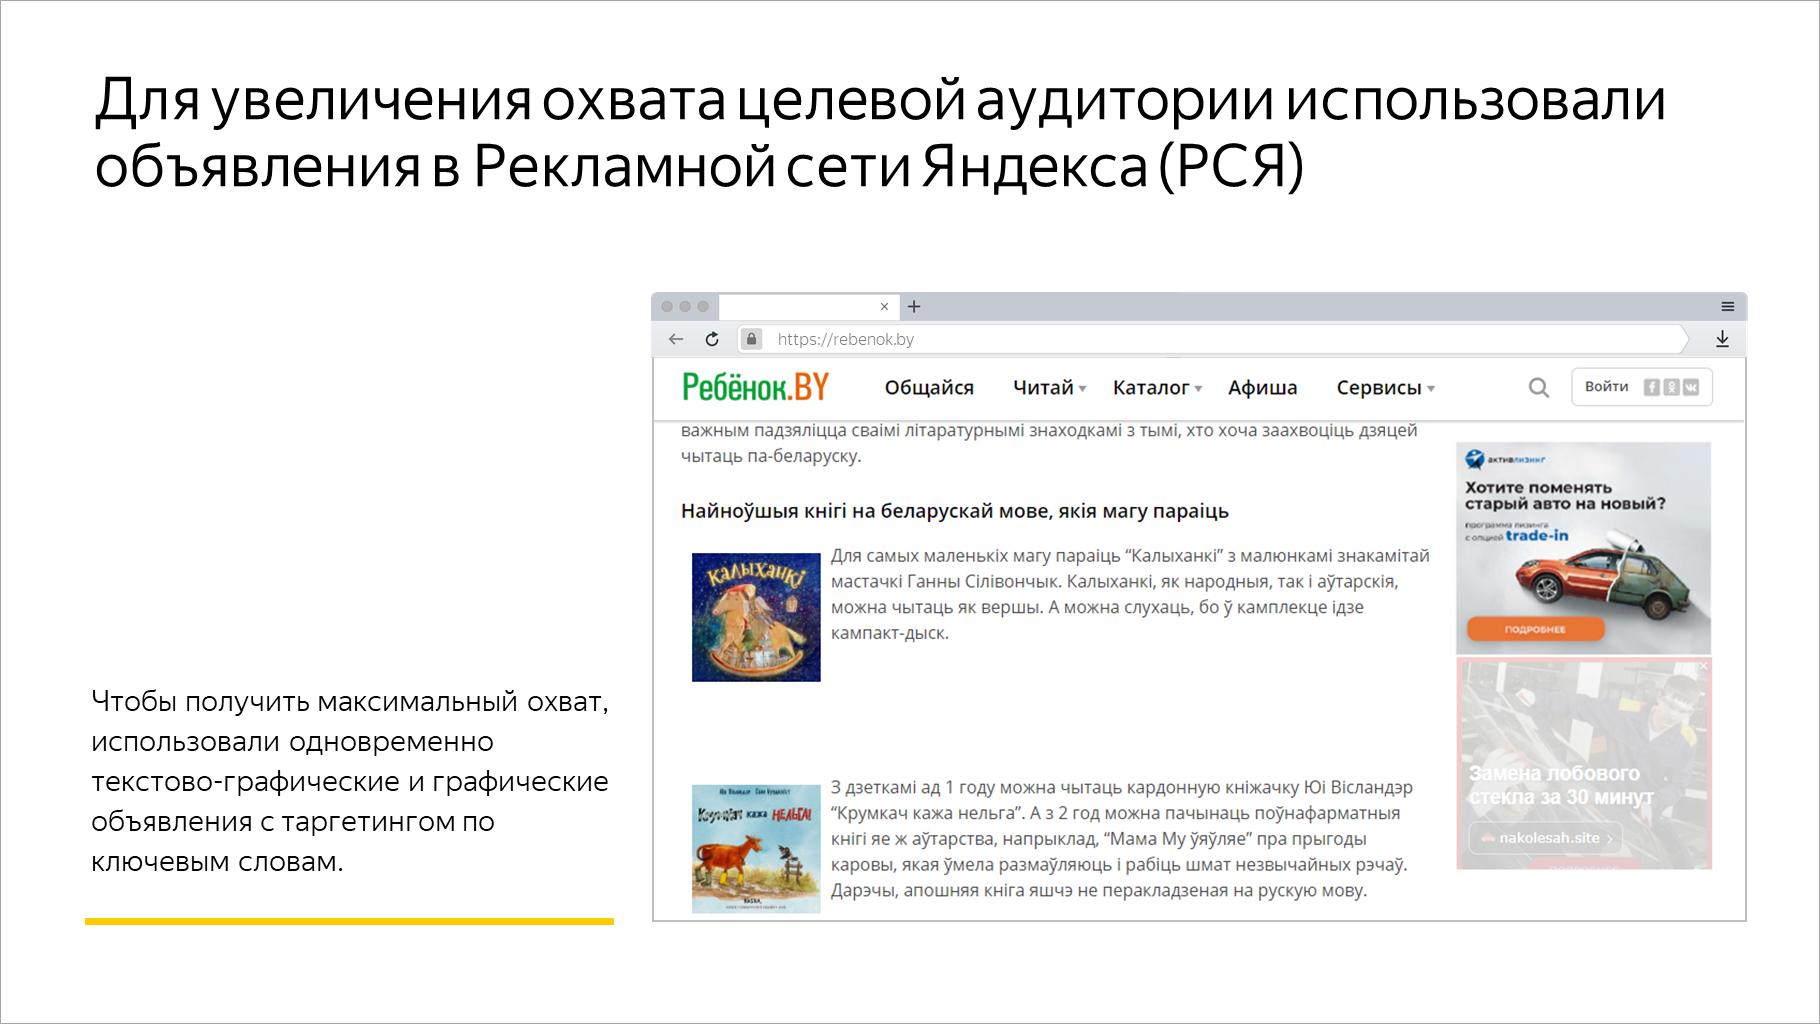 Для увеличения охвата целевой аудитории использовали объявления в Рекламной сети Яндекса (РСЯ)